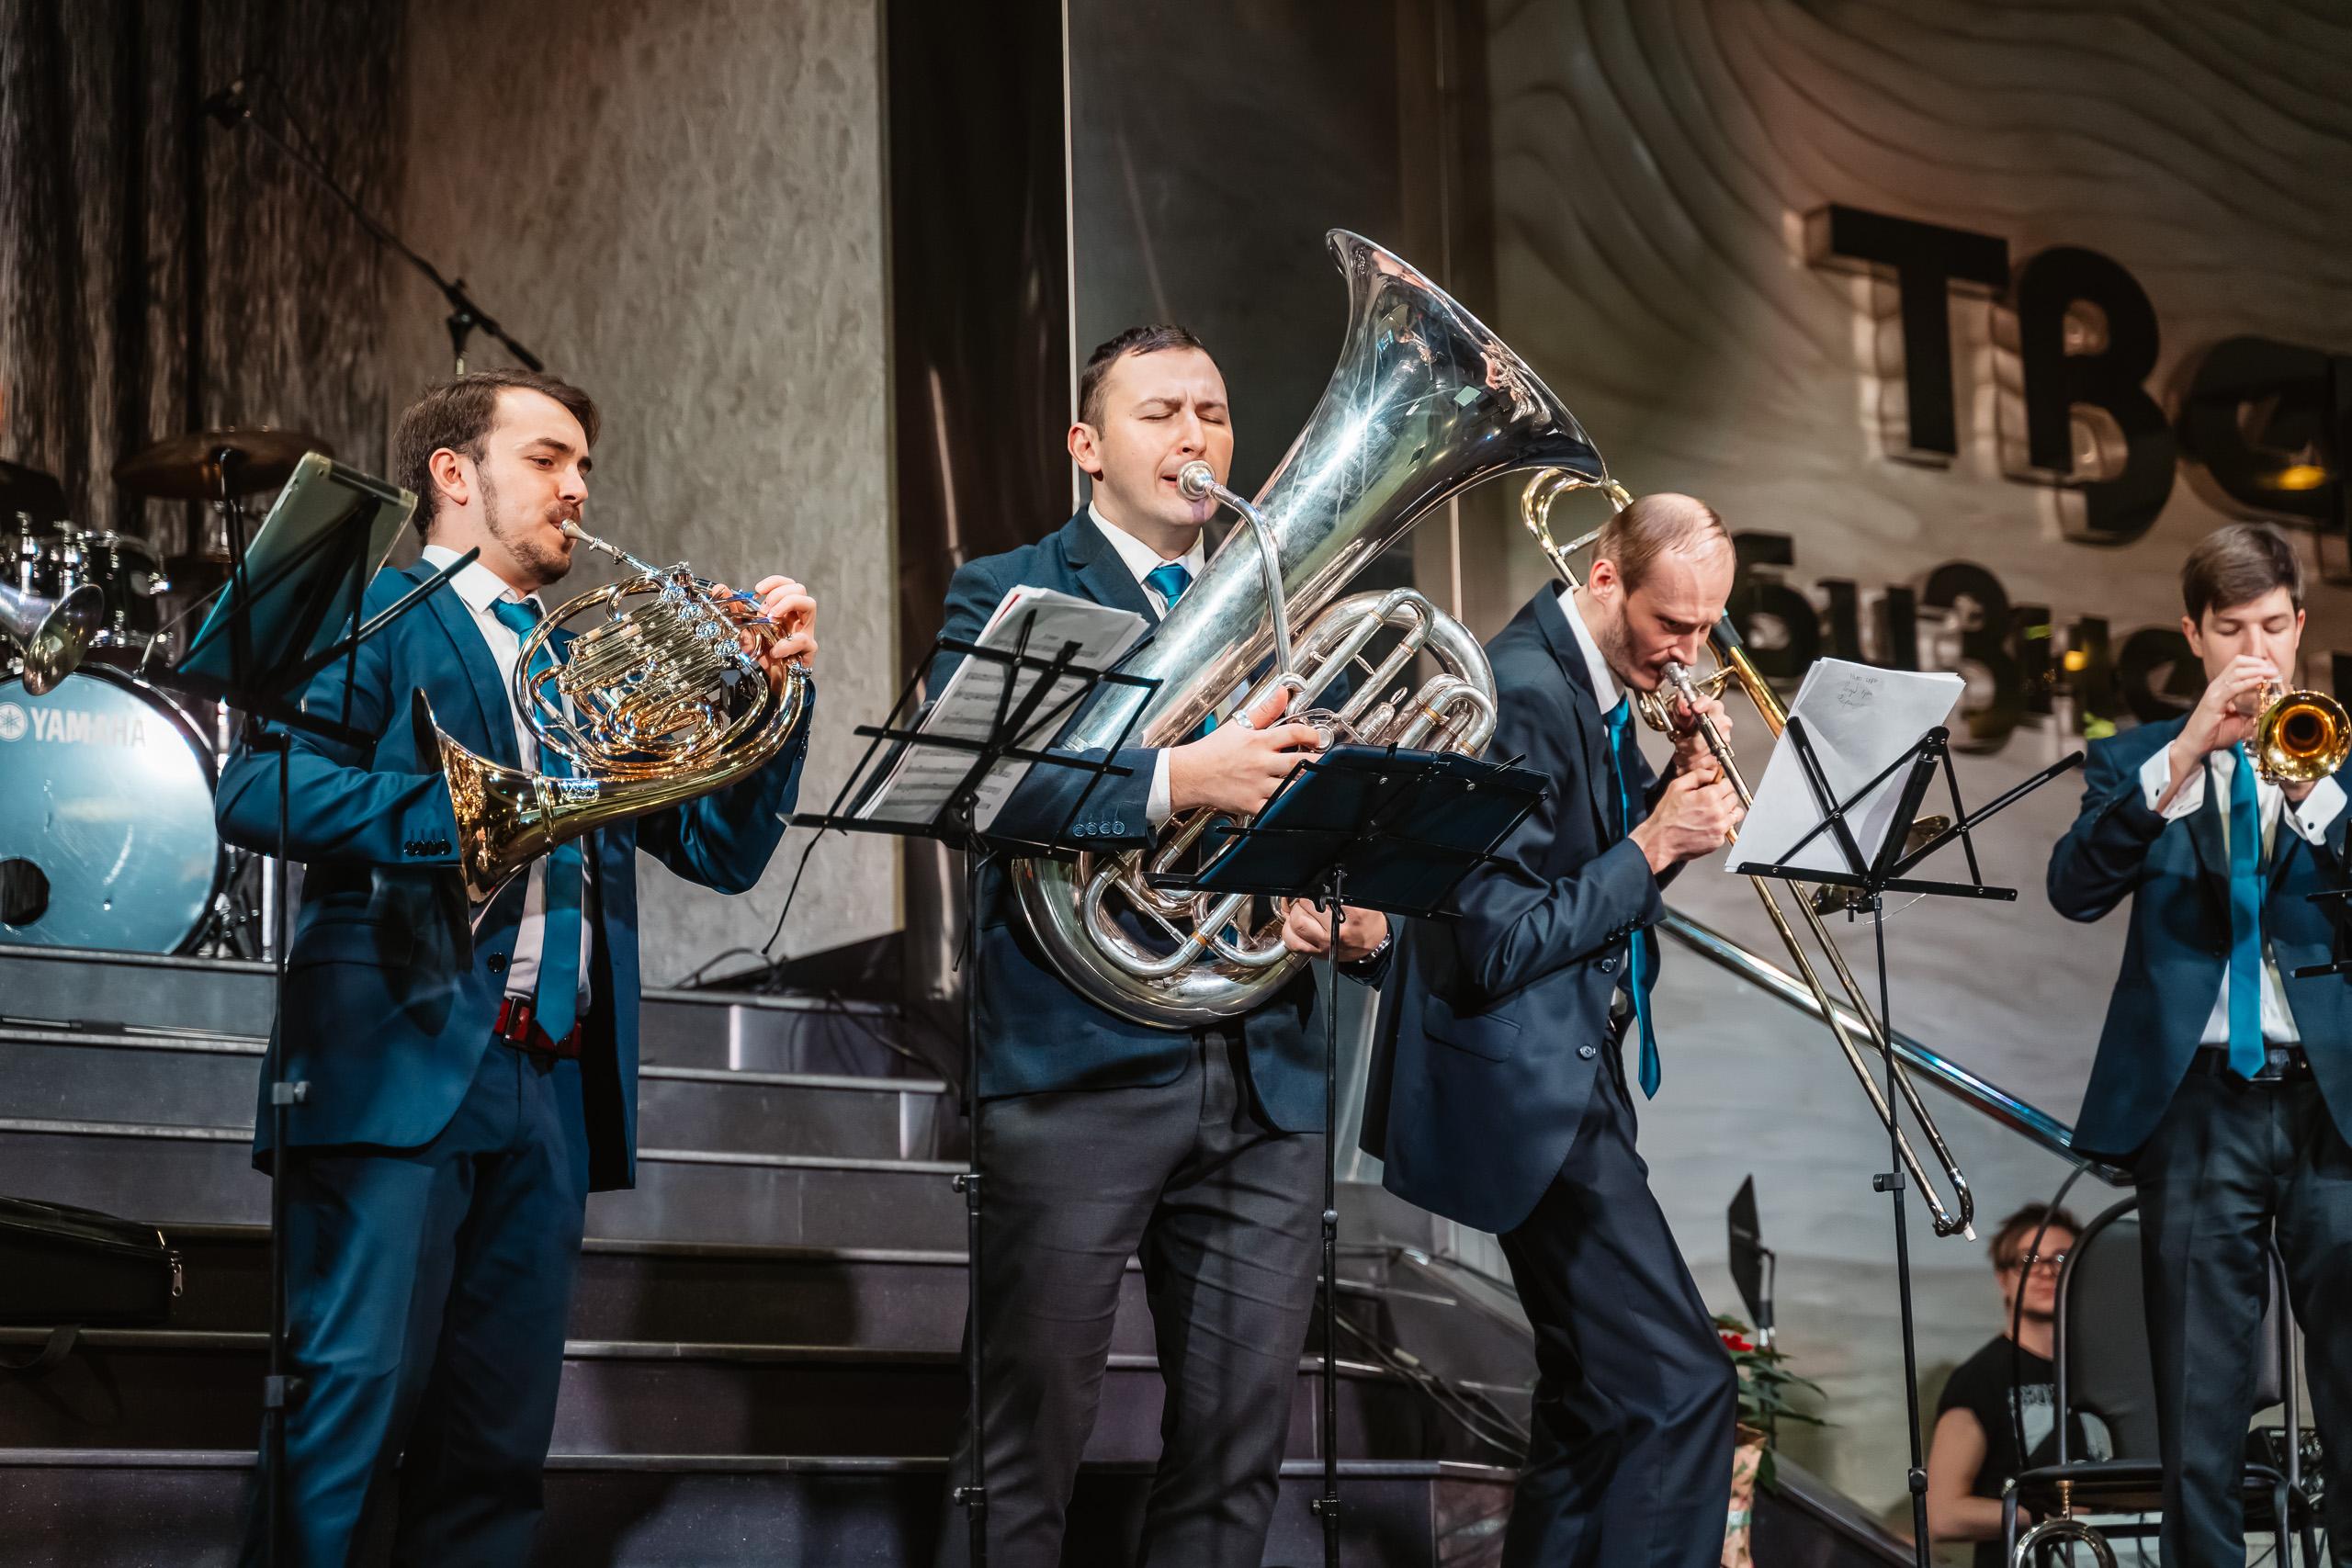 В Твери прошел неформальный джазовый вечер с популярными артистами из Москвы